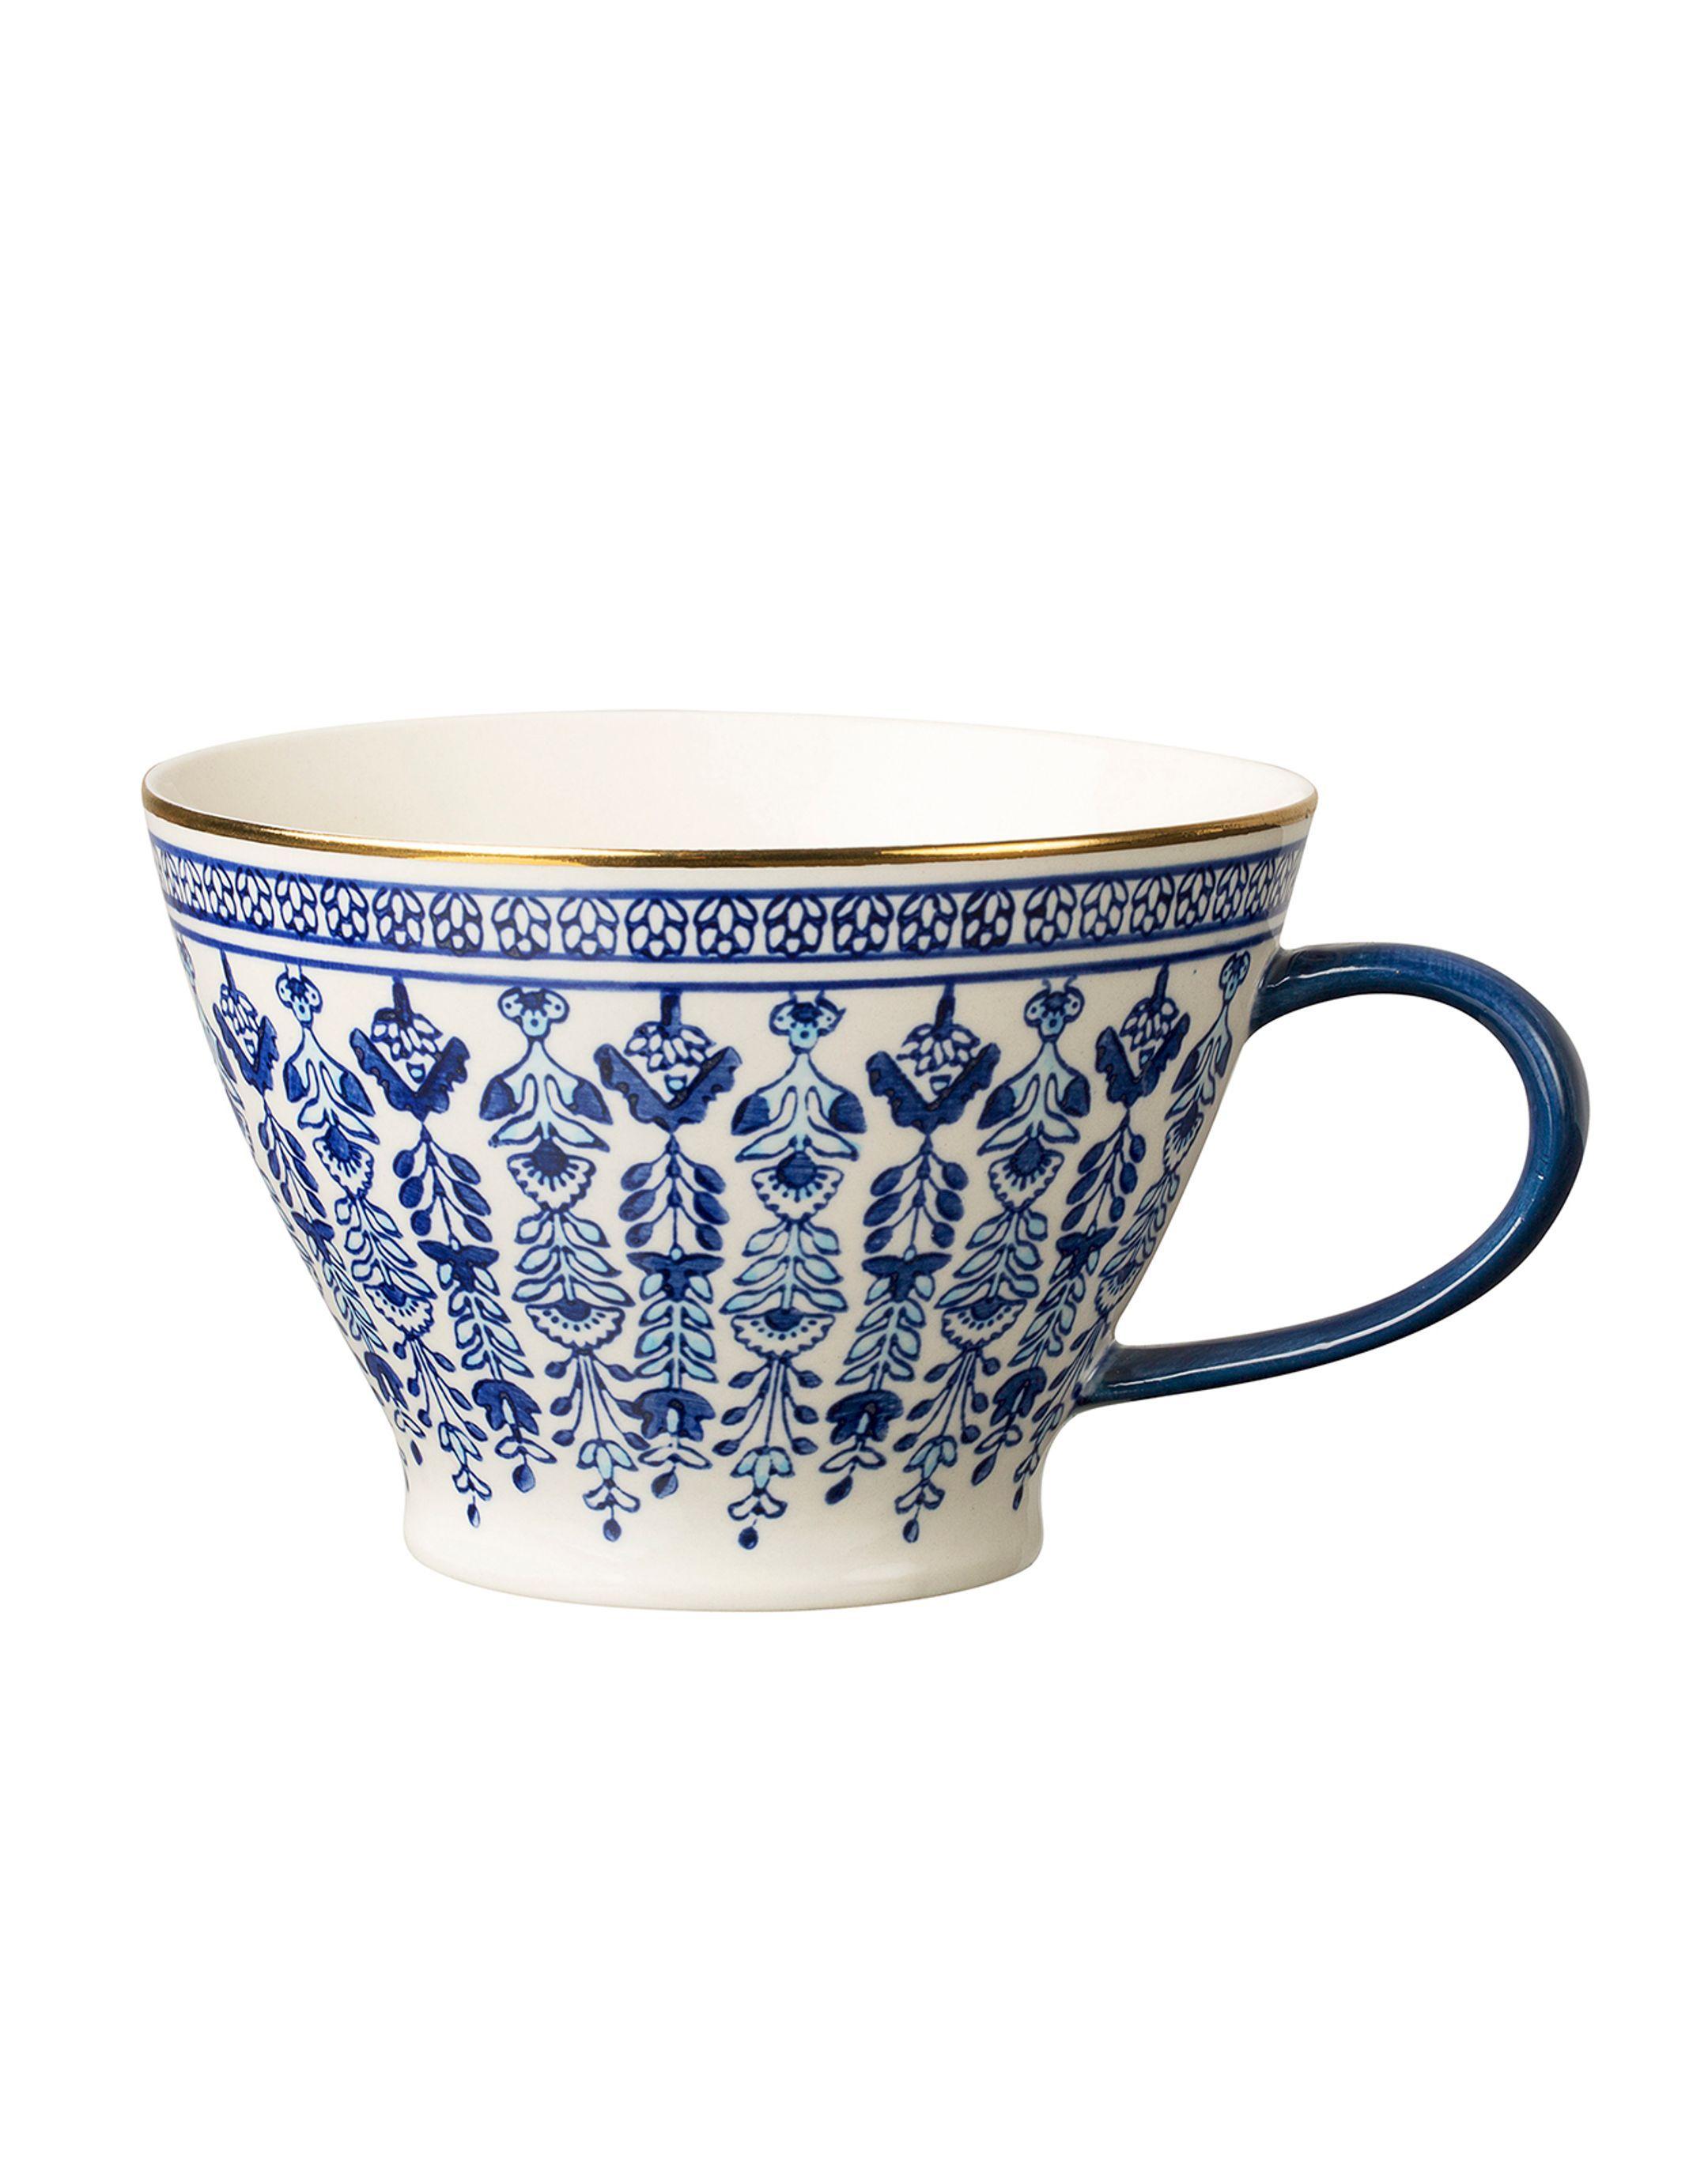 PLAIN GOLD GARDEN krus | Mugs/cups | krus og boller | Glass & porselen | Home | Indiska.com